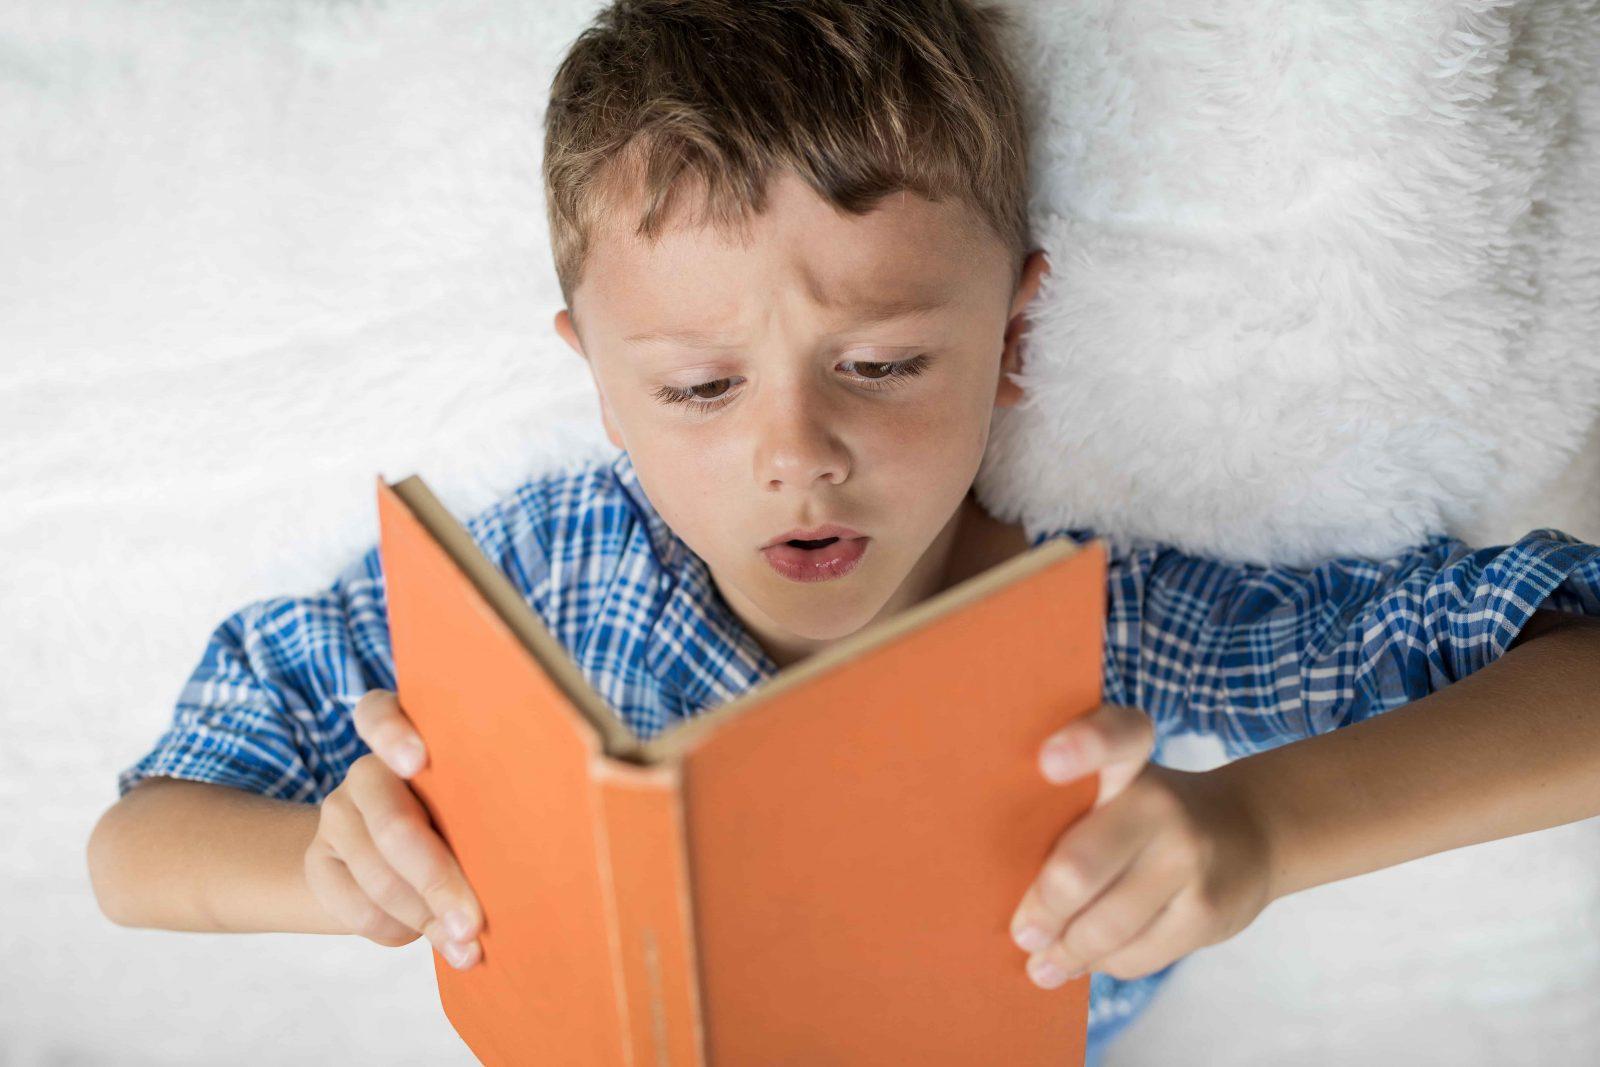 Как сформировать у ребенка интерес к чтению и книгам